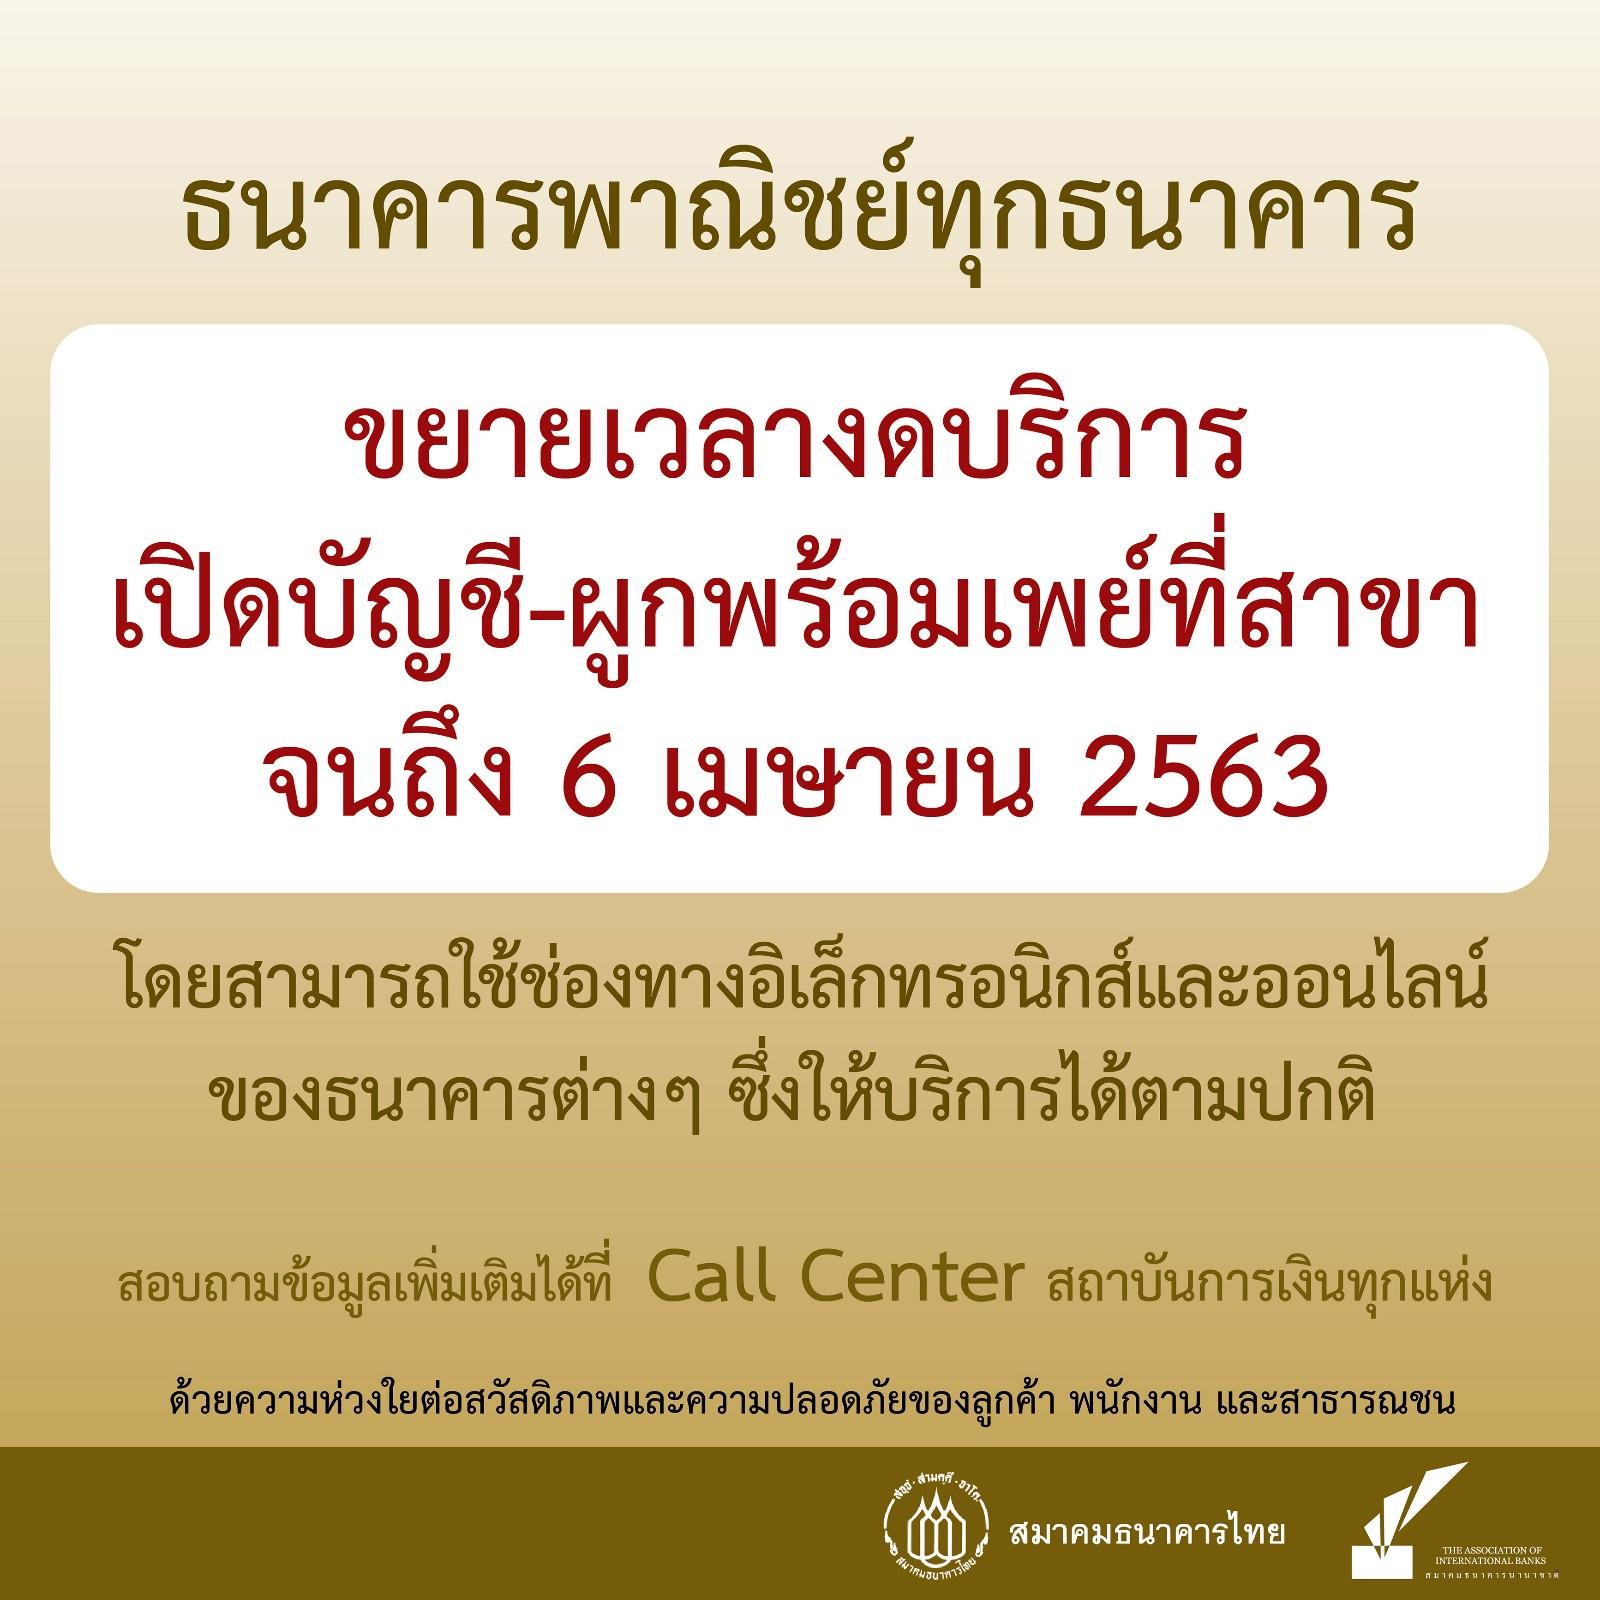 แบงก์แจ้งขยายเวลางดเปิดบัญชี-สมัครพร้อมเพย์ที่สาขาจนถึงวันที่ 6 เมษายน 2563